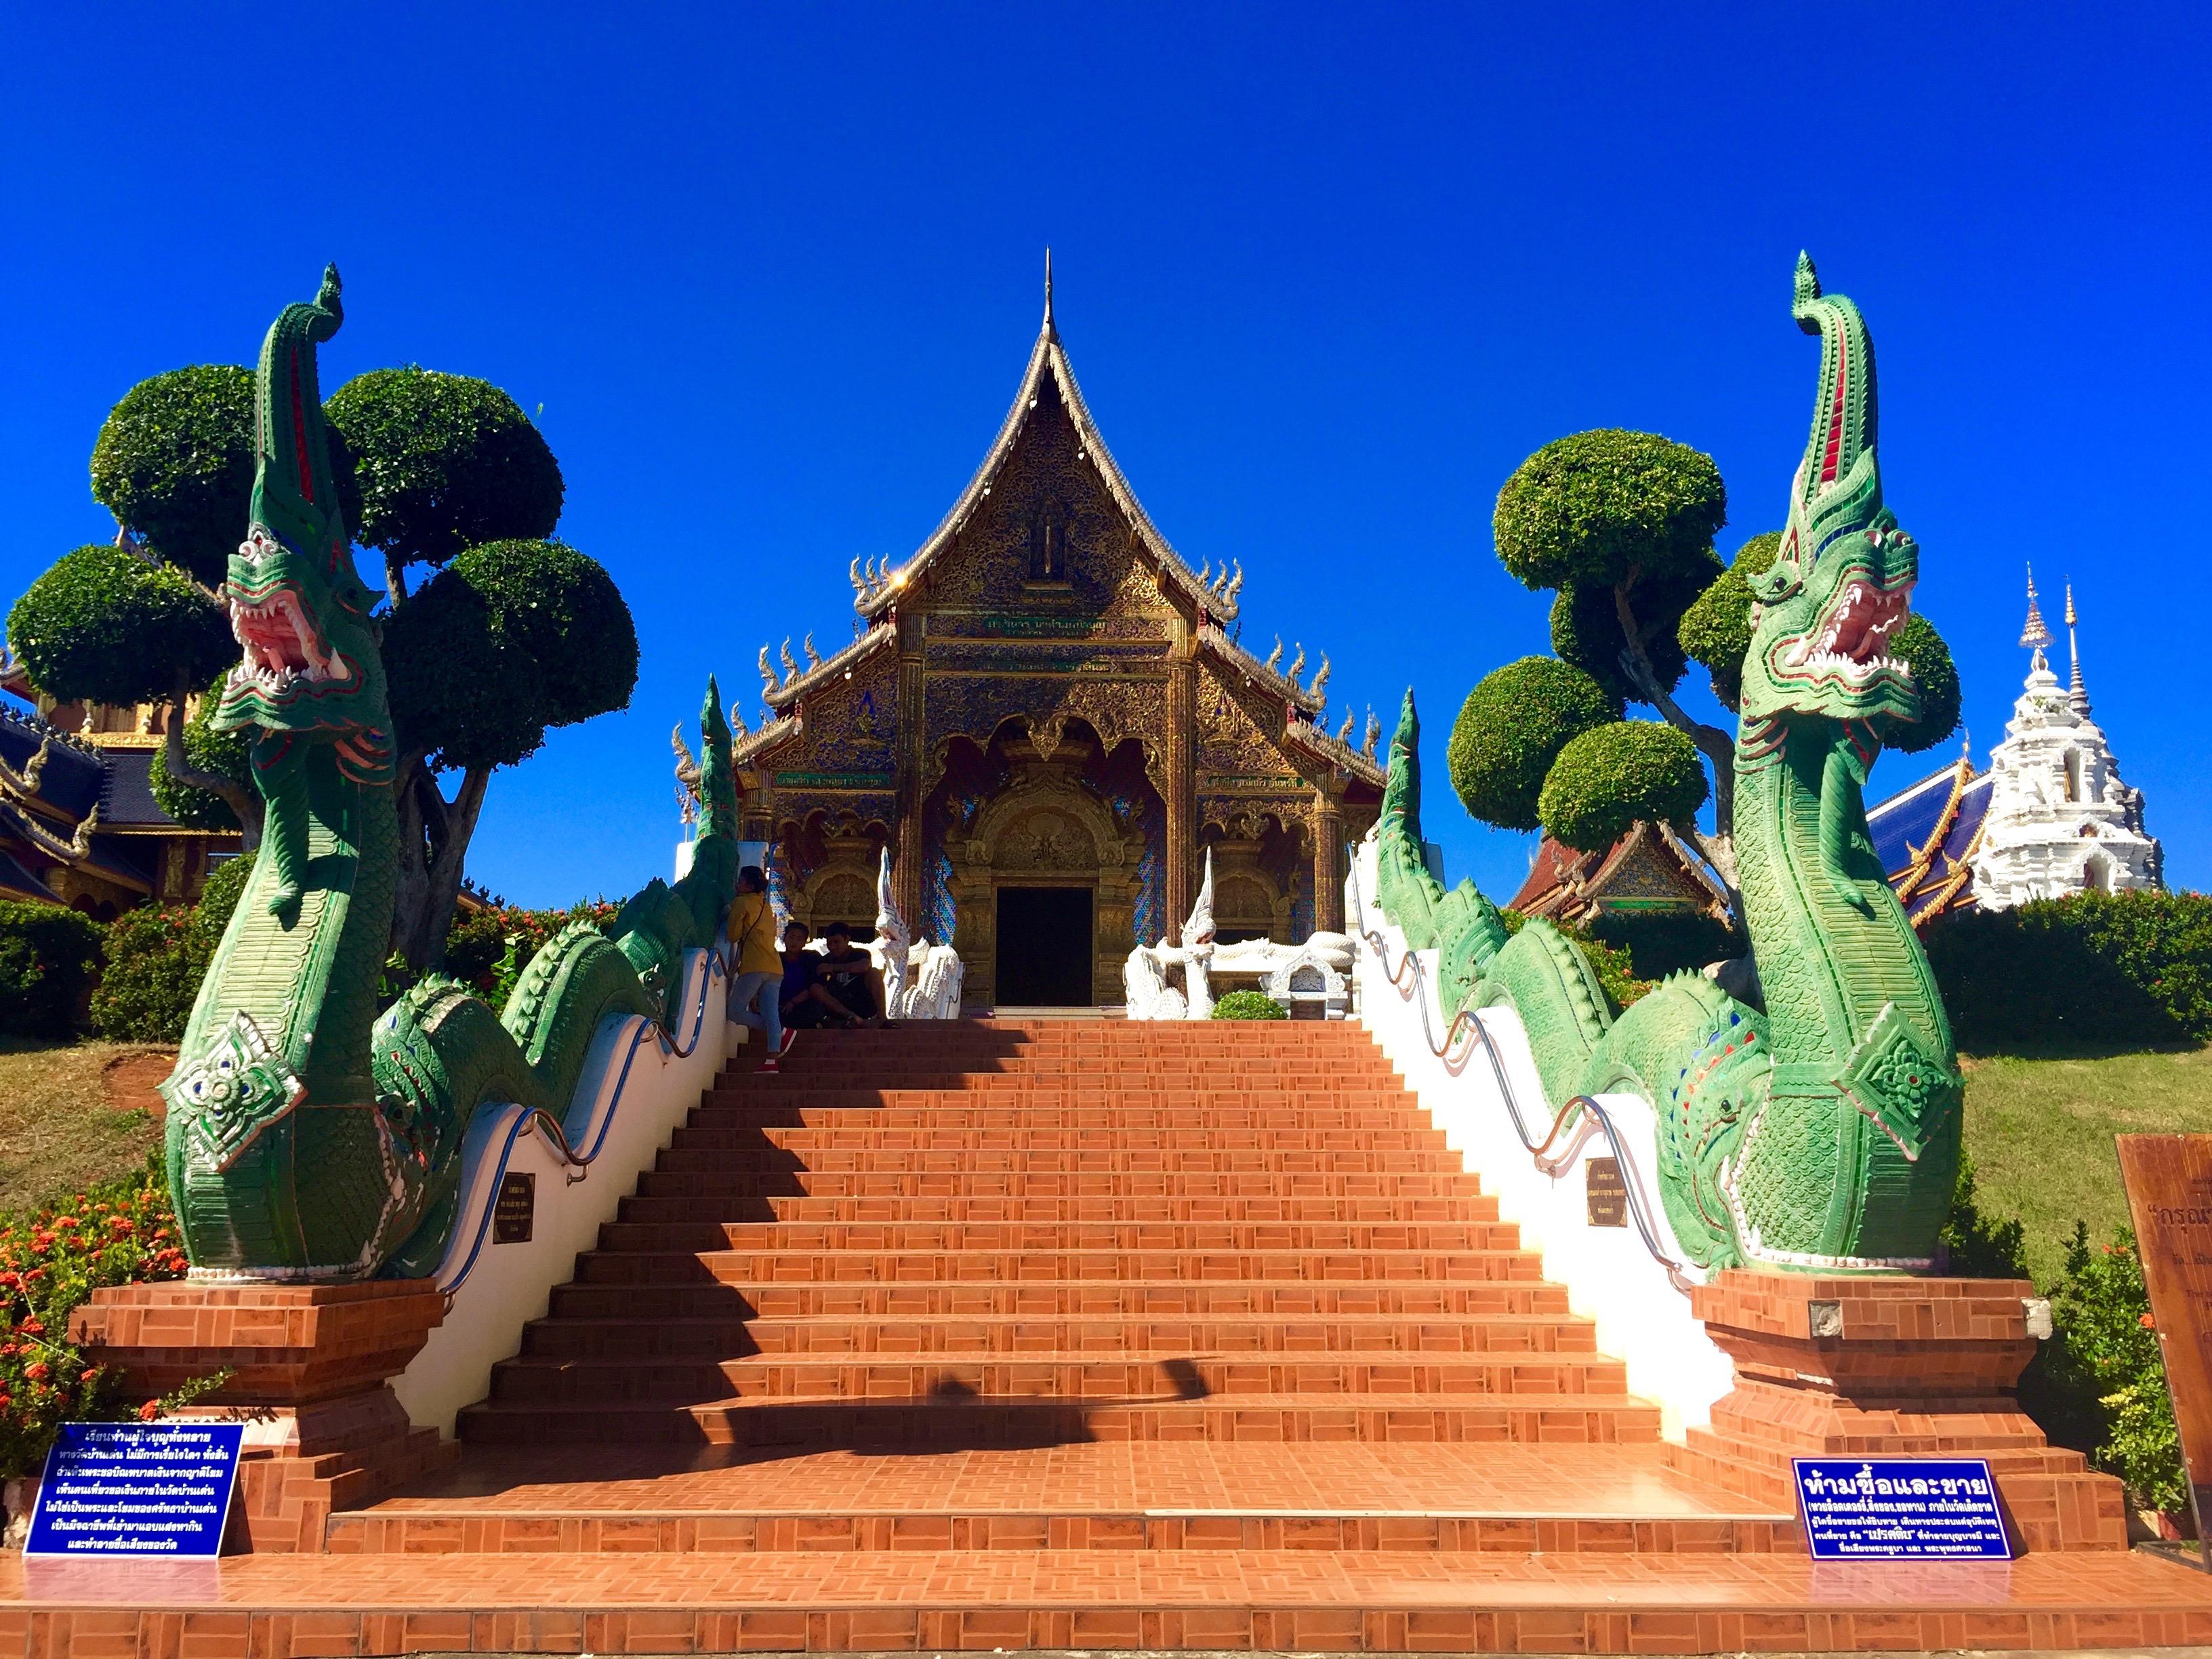 Wat Ban Den Chiang Mai Thailand thesweetwanderlust.com